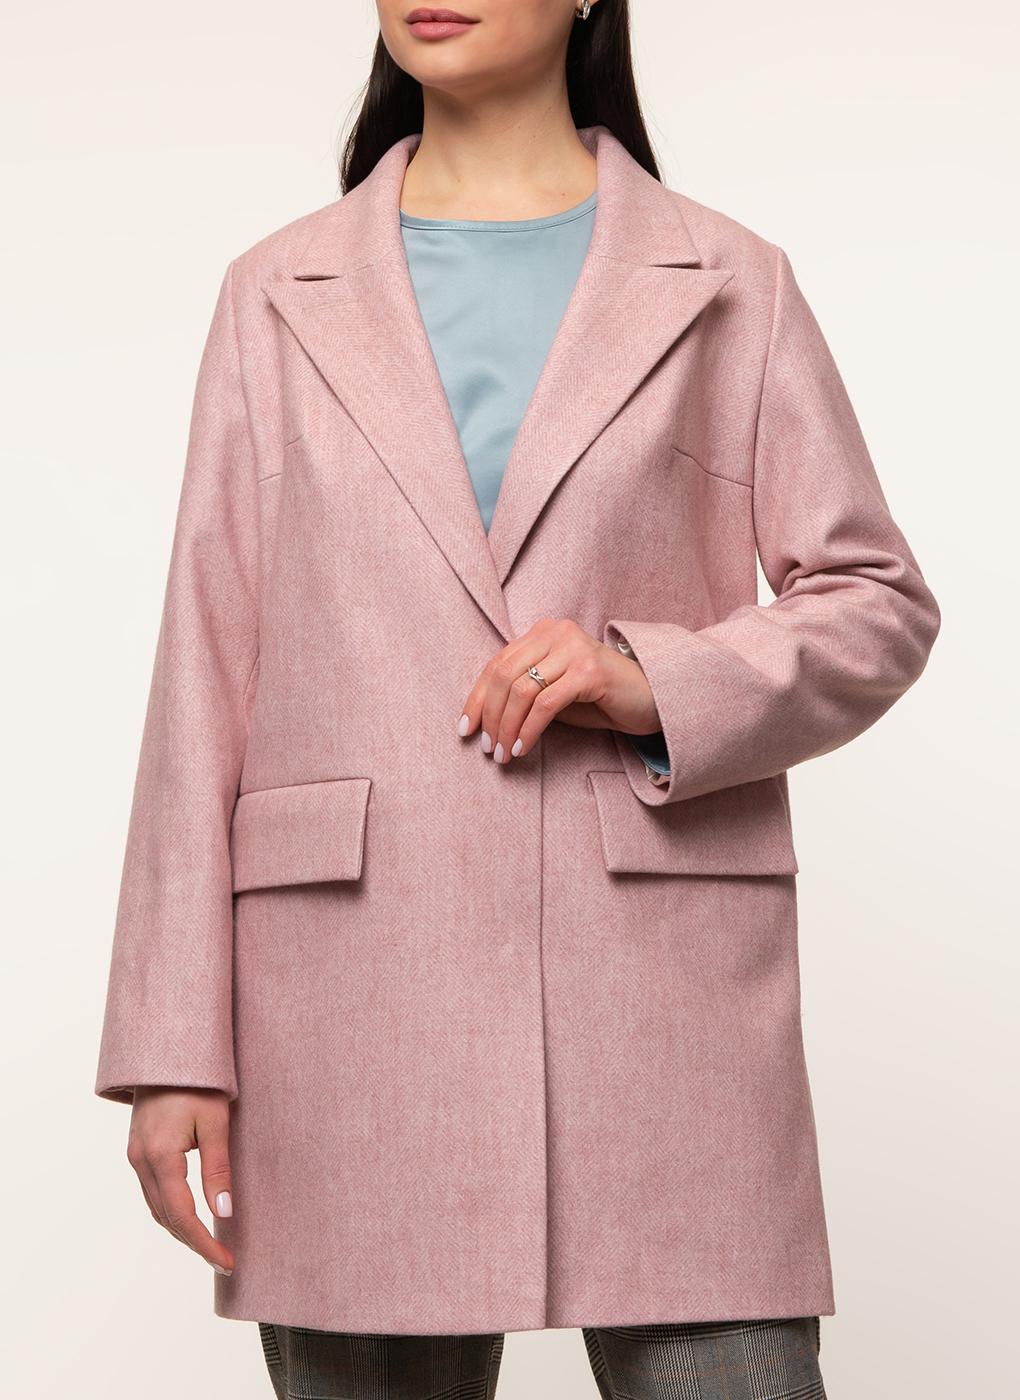 Пальто шерстяное 02, Umi Collection фото